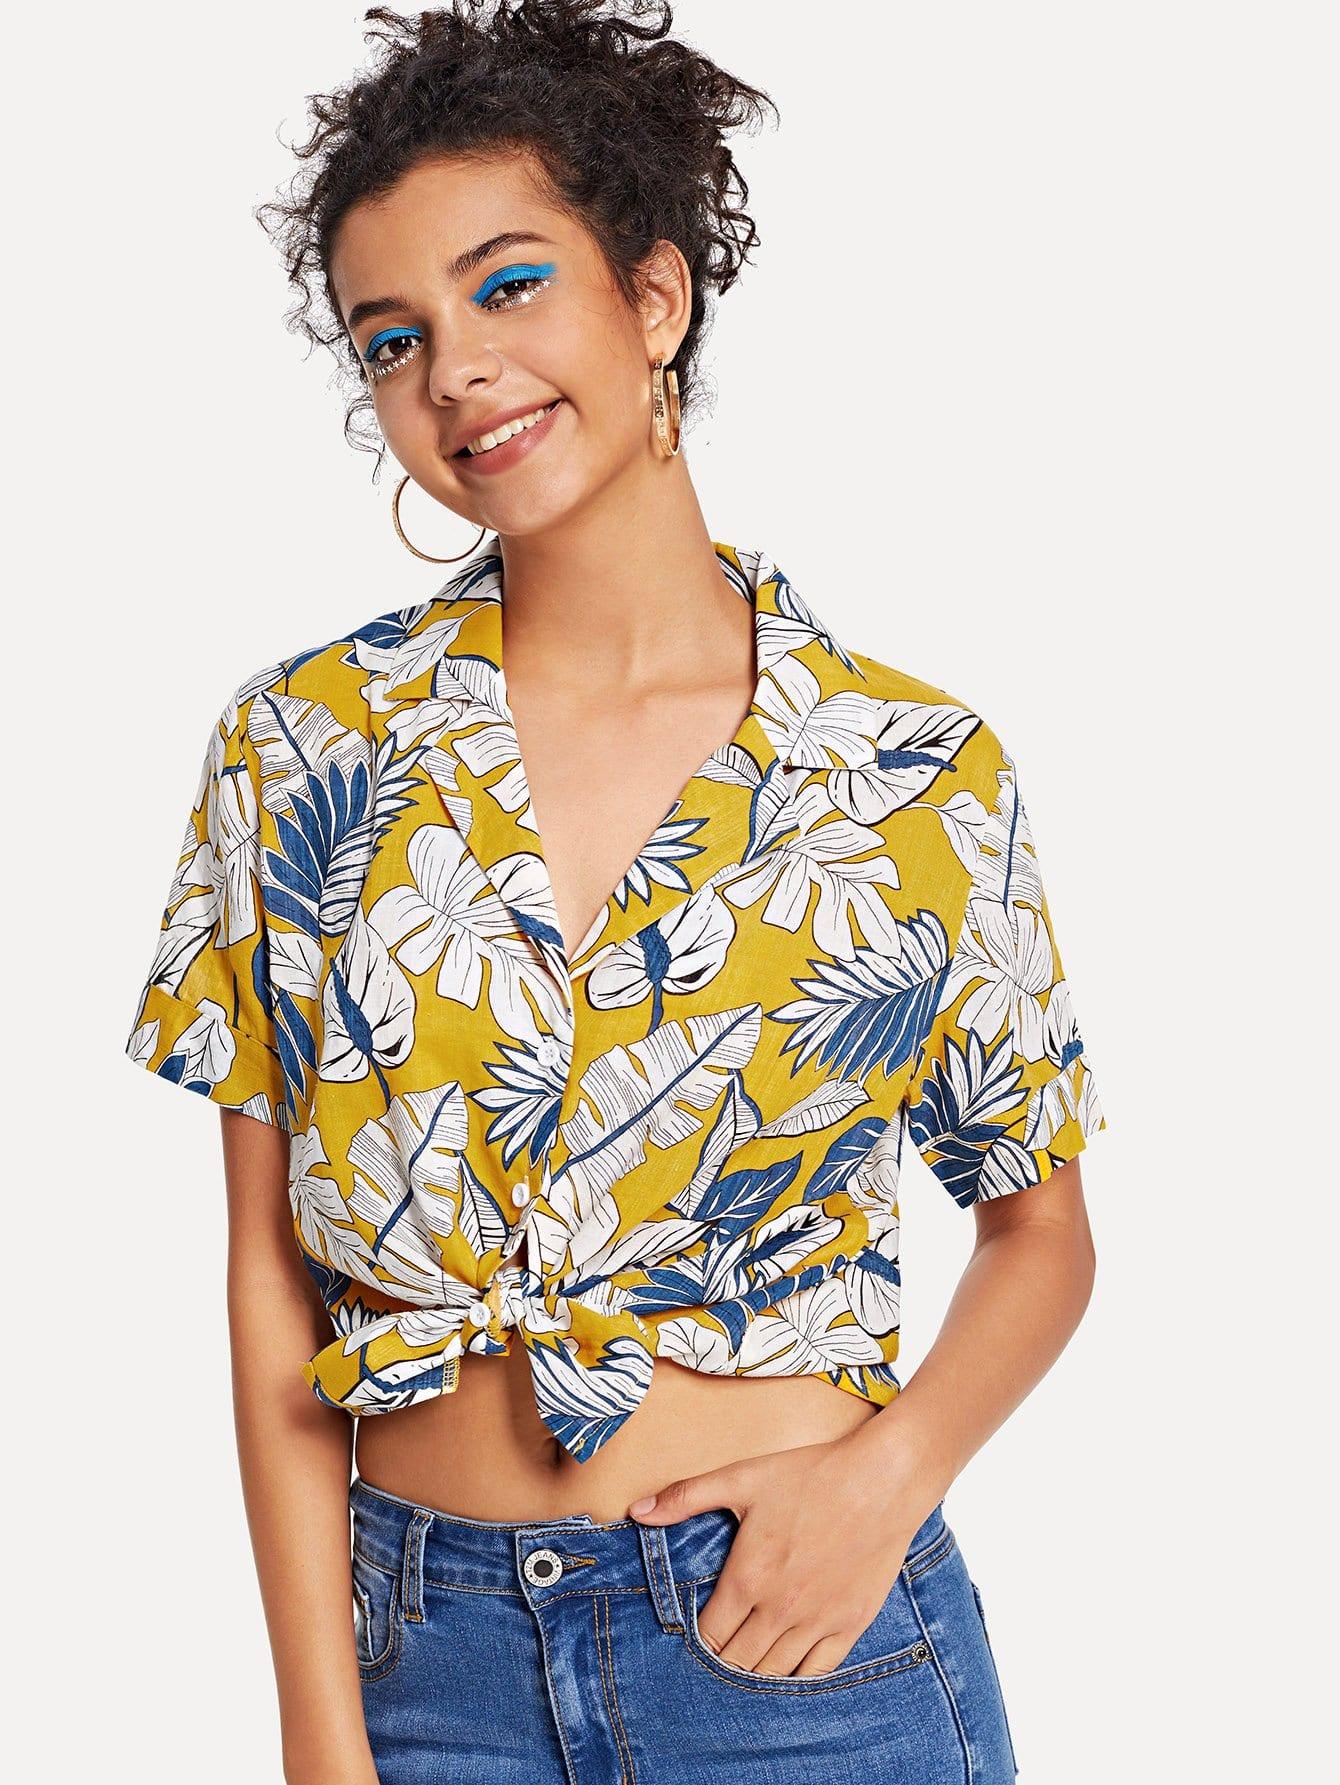 Рубашка из джунглей Notch Neck, Starl Lane, SheIn  - купить со скидкой